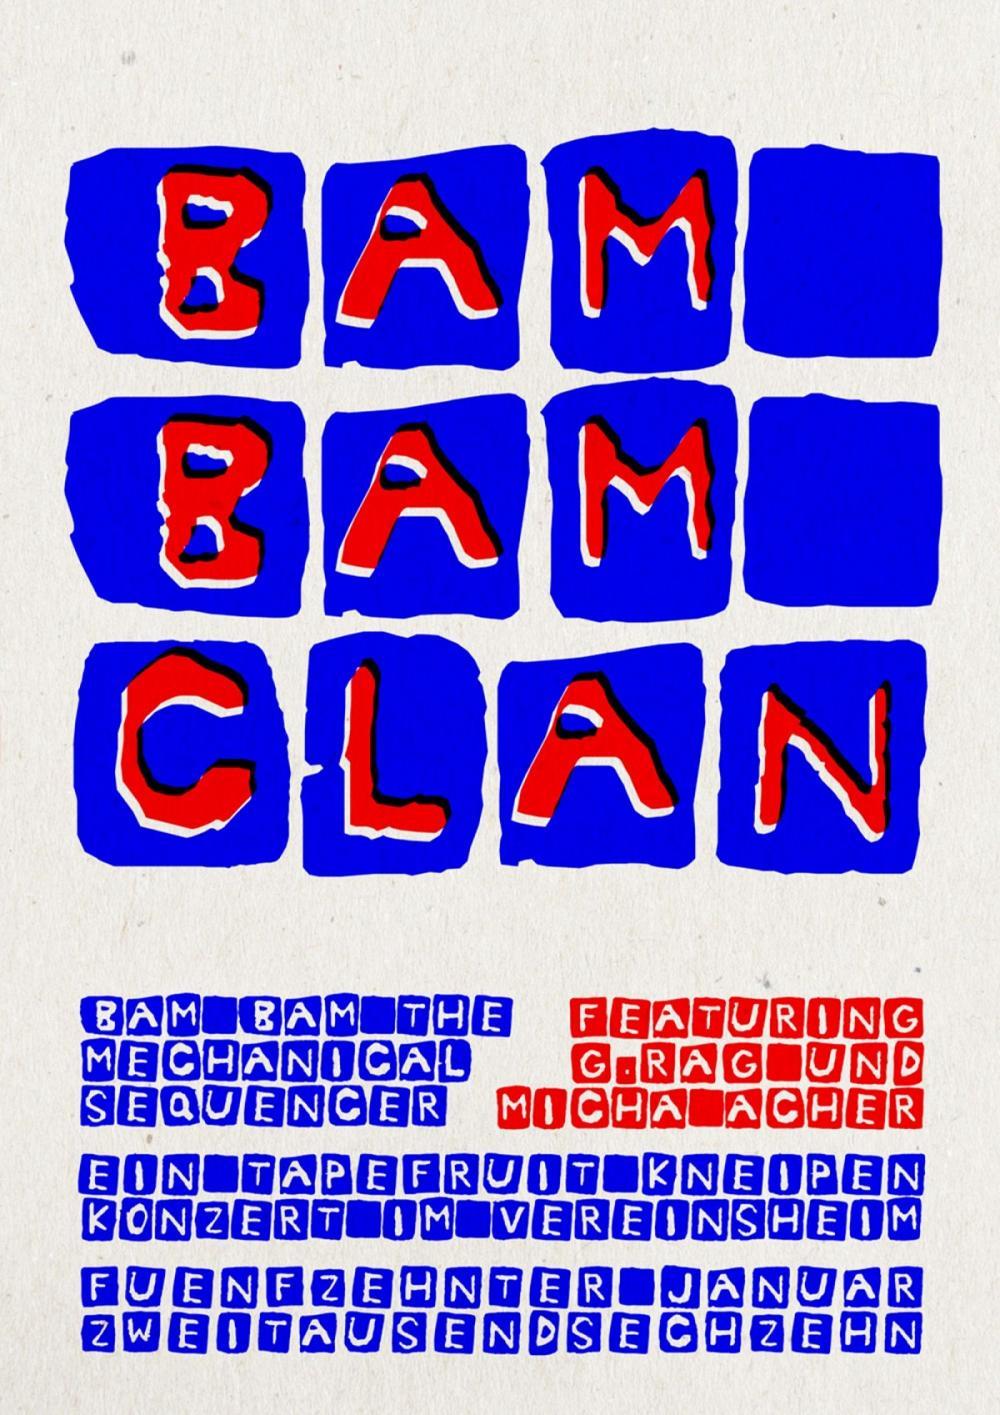 Tapefruit Konzert: Bam Bam + g.rag + Micha Acher | 15.01.2016 @ Vereinsheim